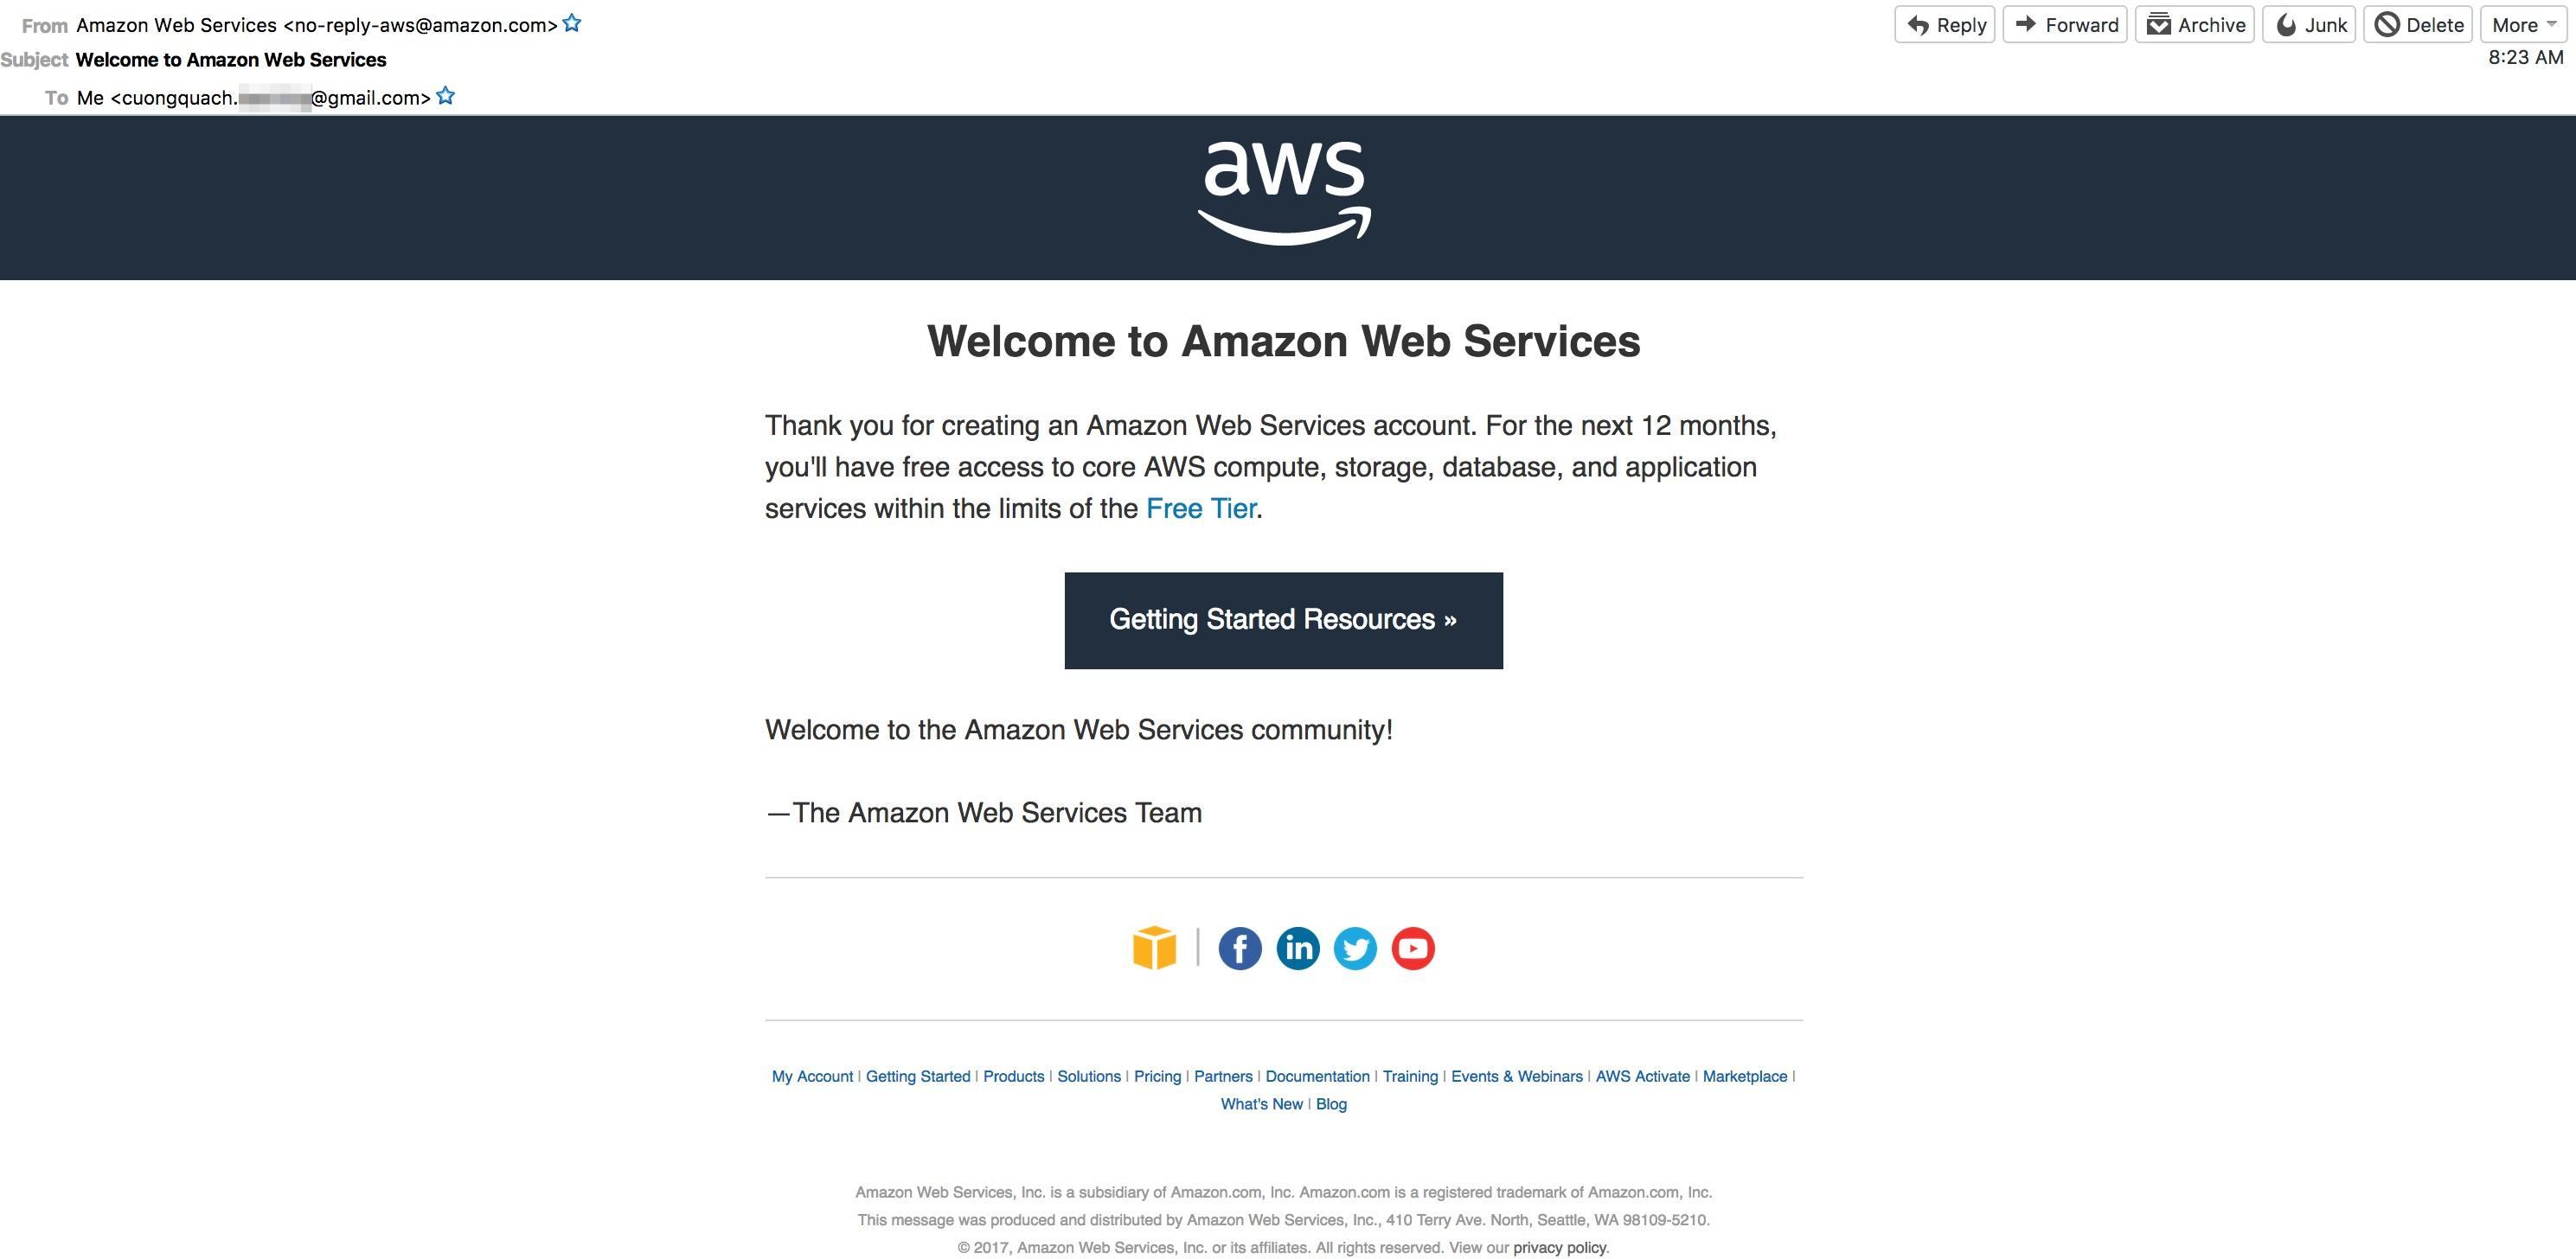 aws gửi mail xác nhận đăng ký amazon free tier thành công.